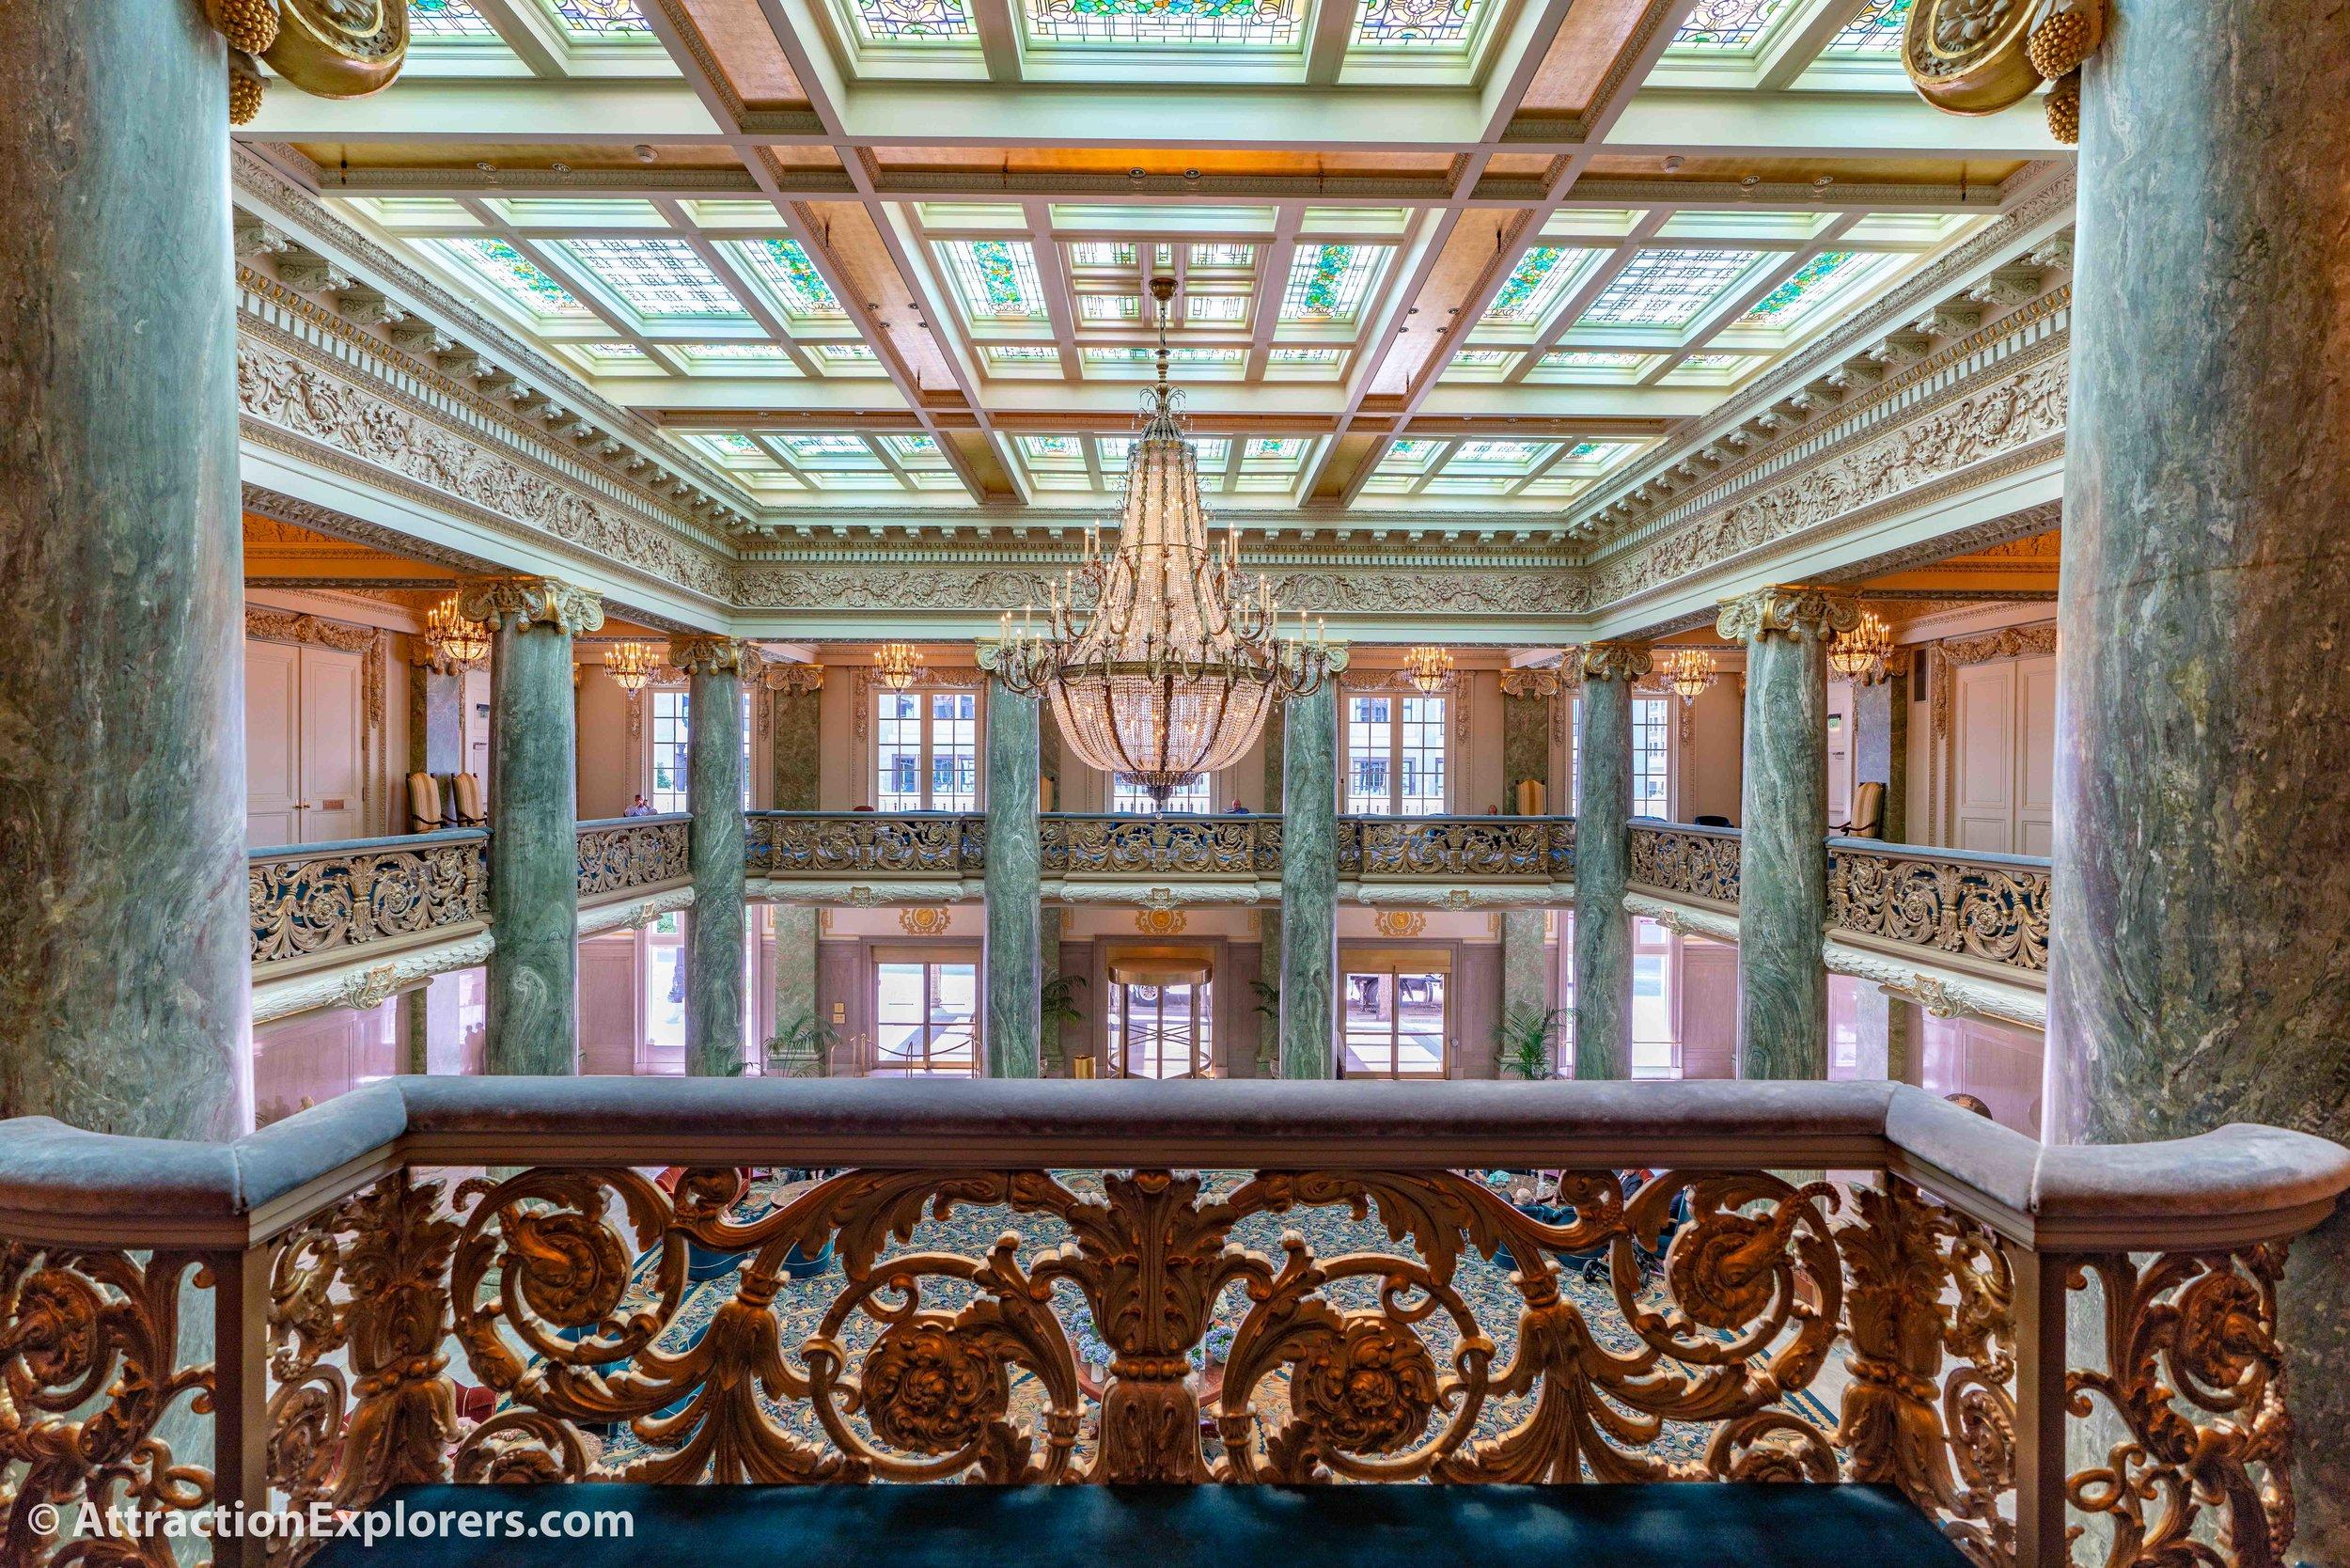 Hotel Utah Salt Lake City Sightseeing Tour.jpg